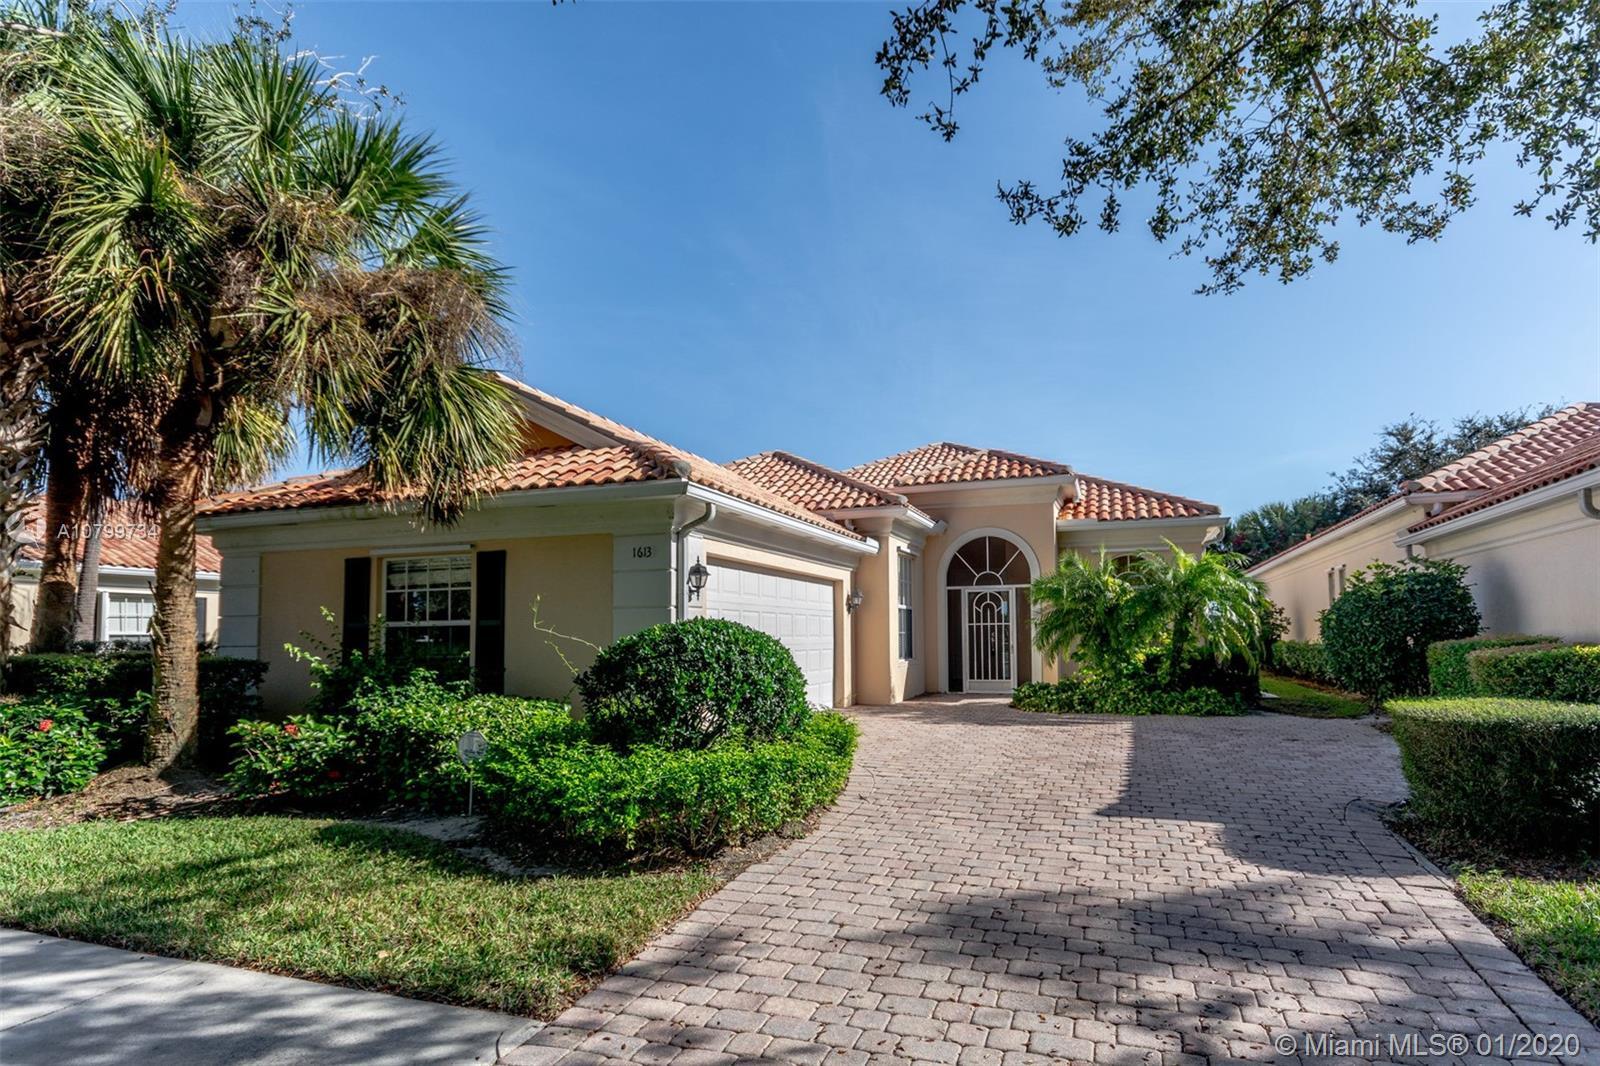 1613 SW Balmoral, Stuart, FL 34997 - Stuart, FL real estate listing